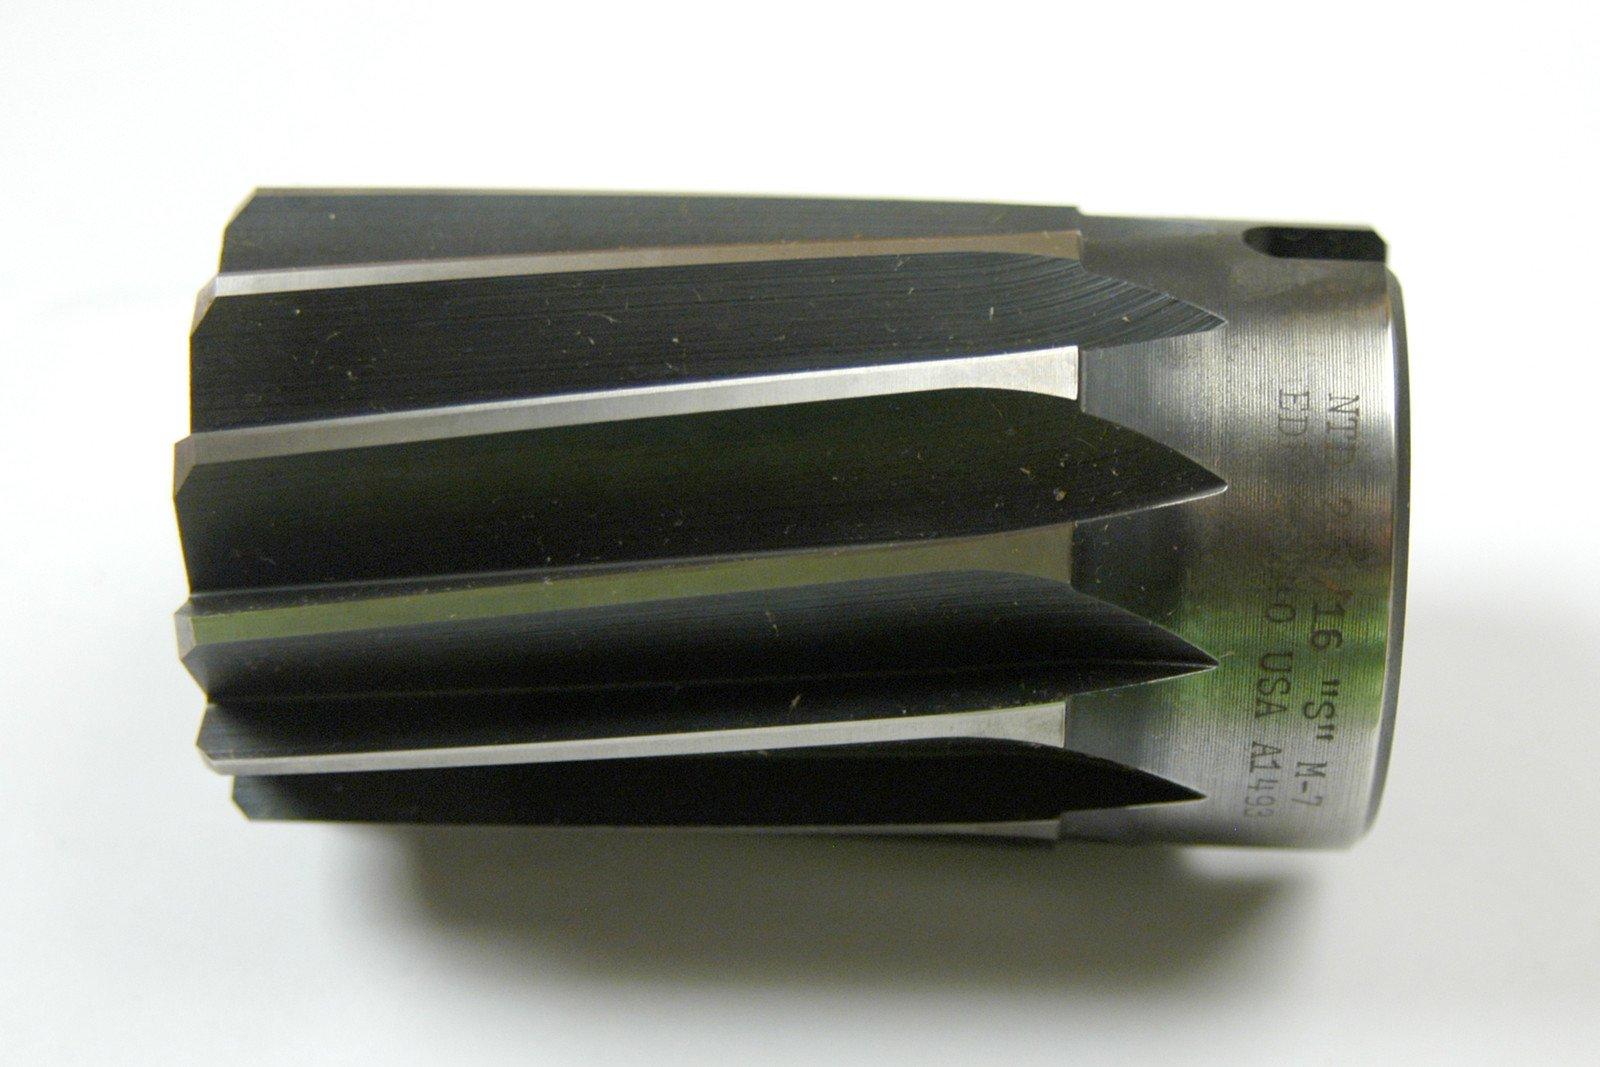 NEW OLD STOCK 2-3/16 DIAMETER 10 FLUTE LHS RHC SHELL REAMER